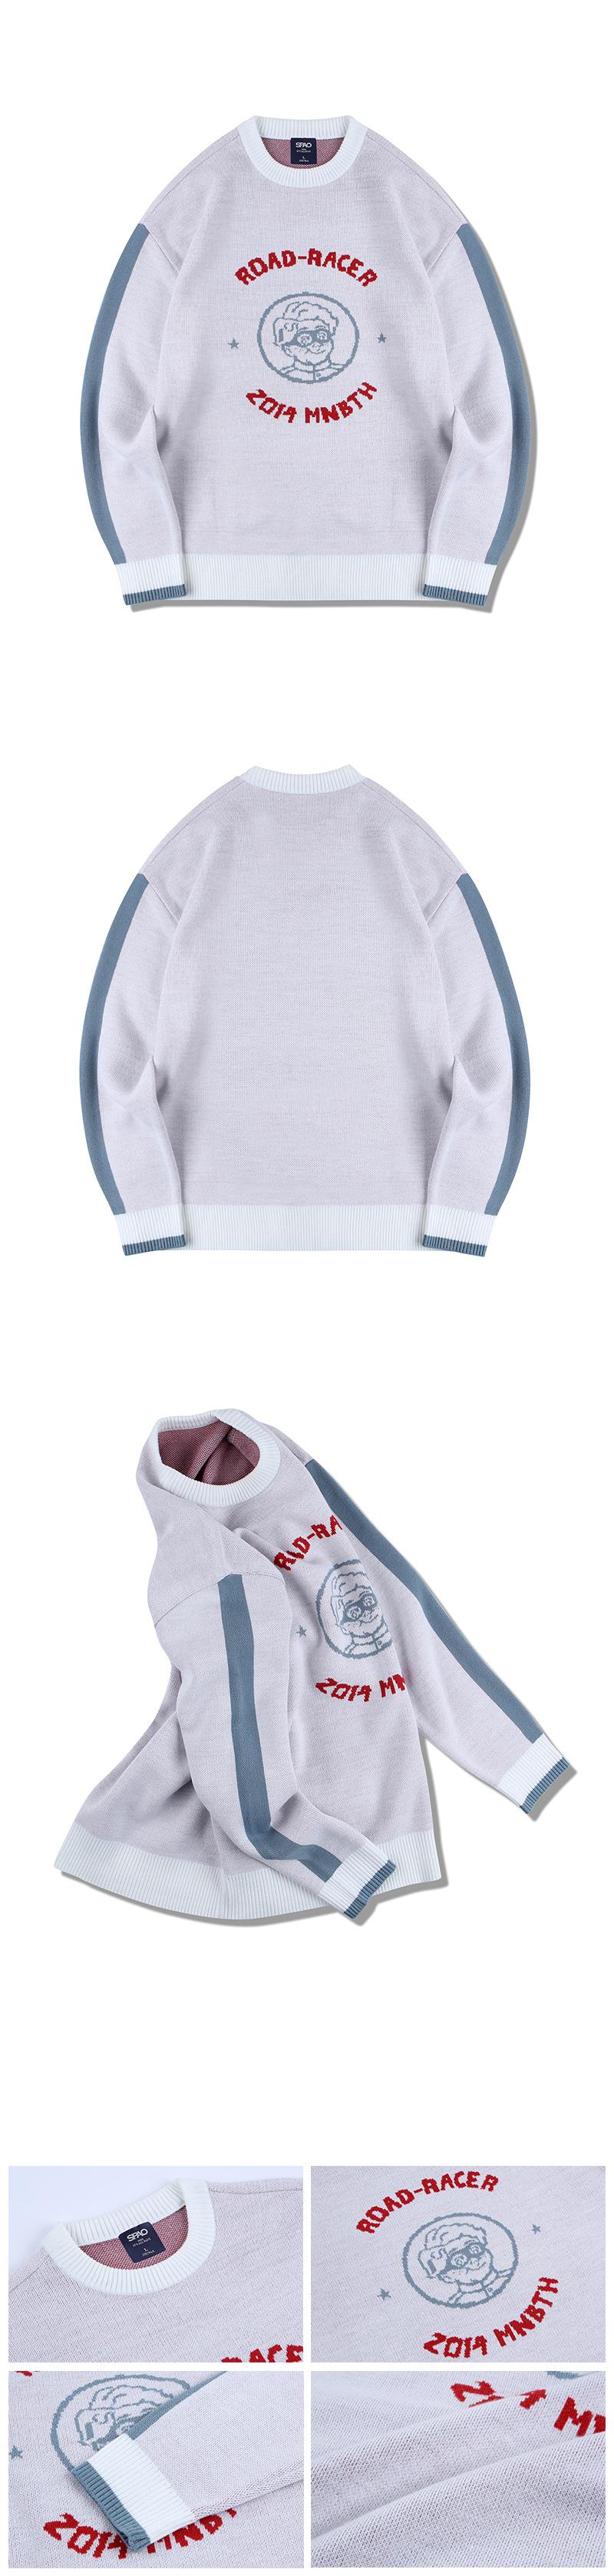 메인부스(MAINBOOTH) (MAINBOOTHxSPAO) 그래픽 스웨터(WHITE)